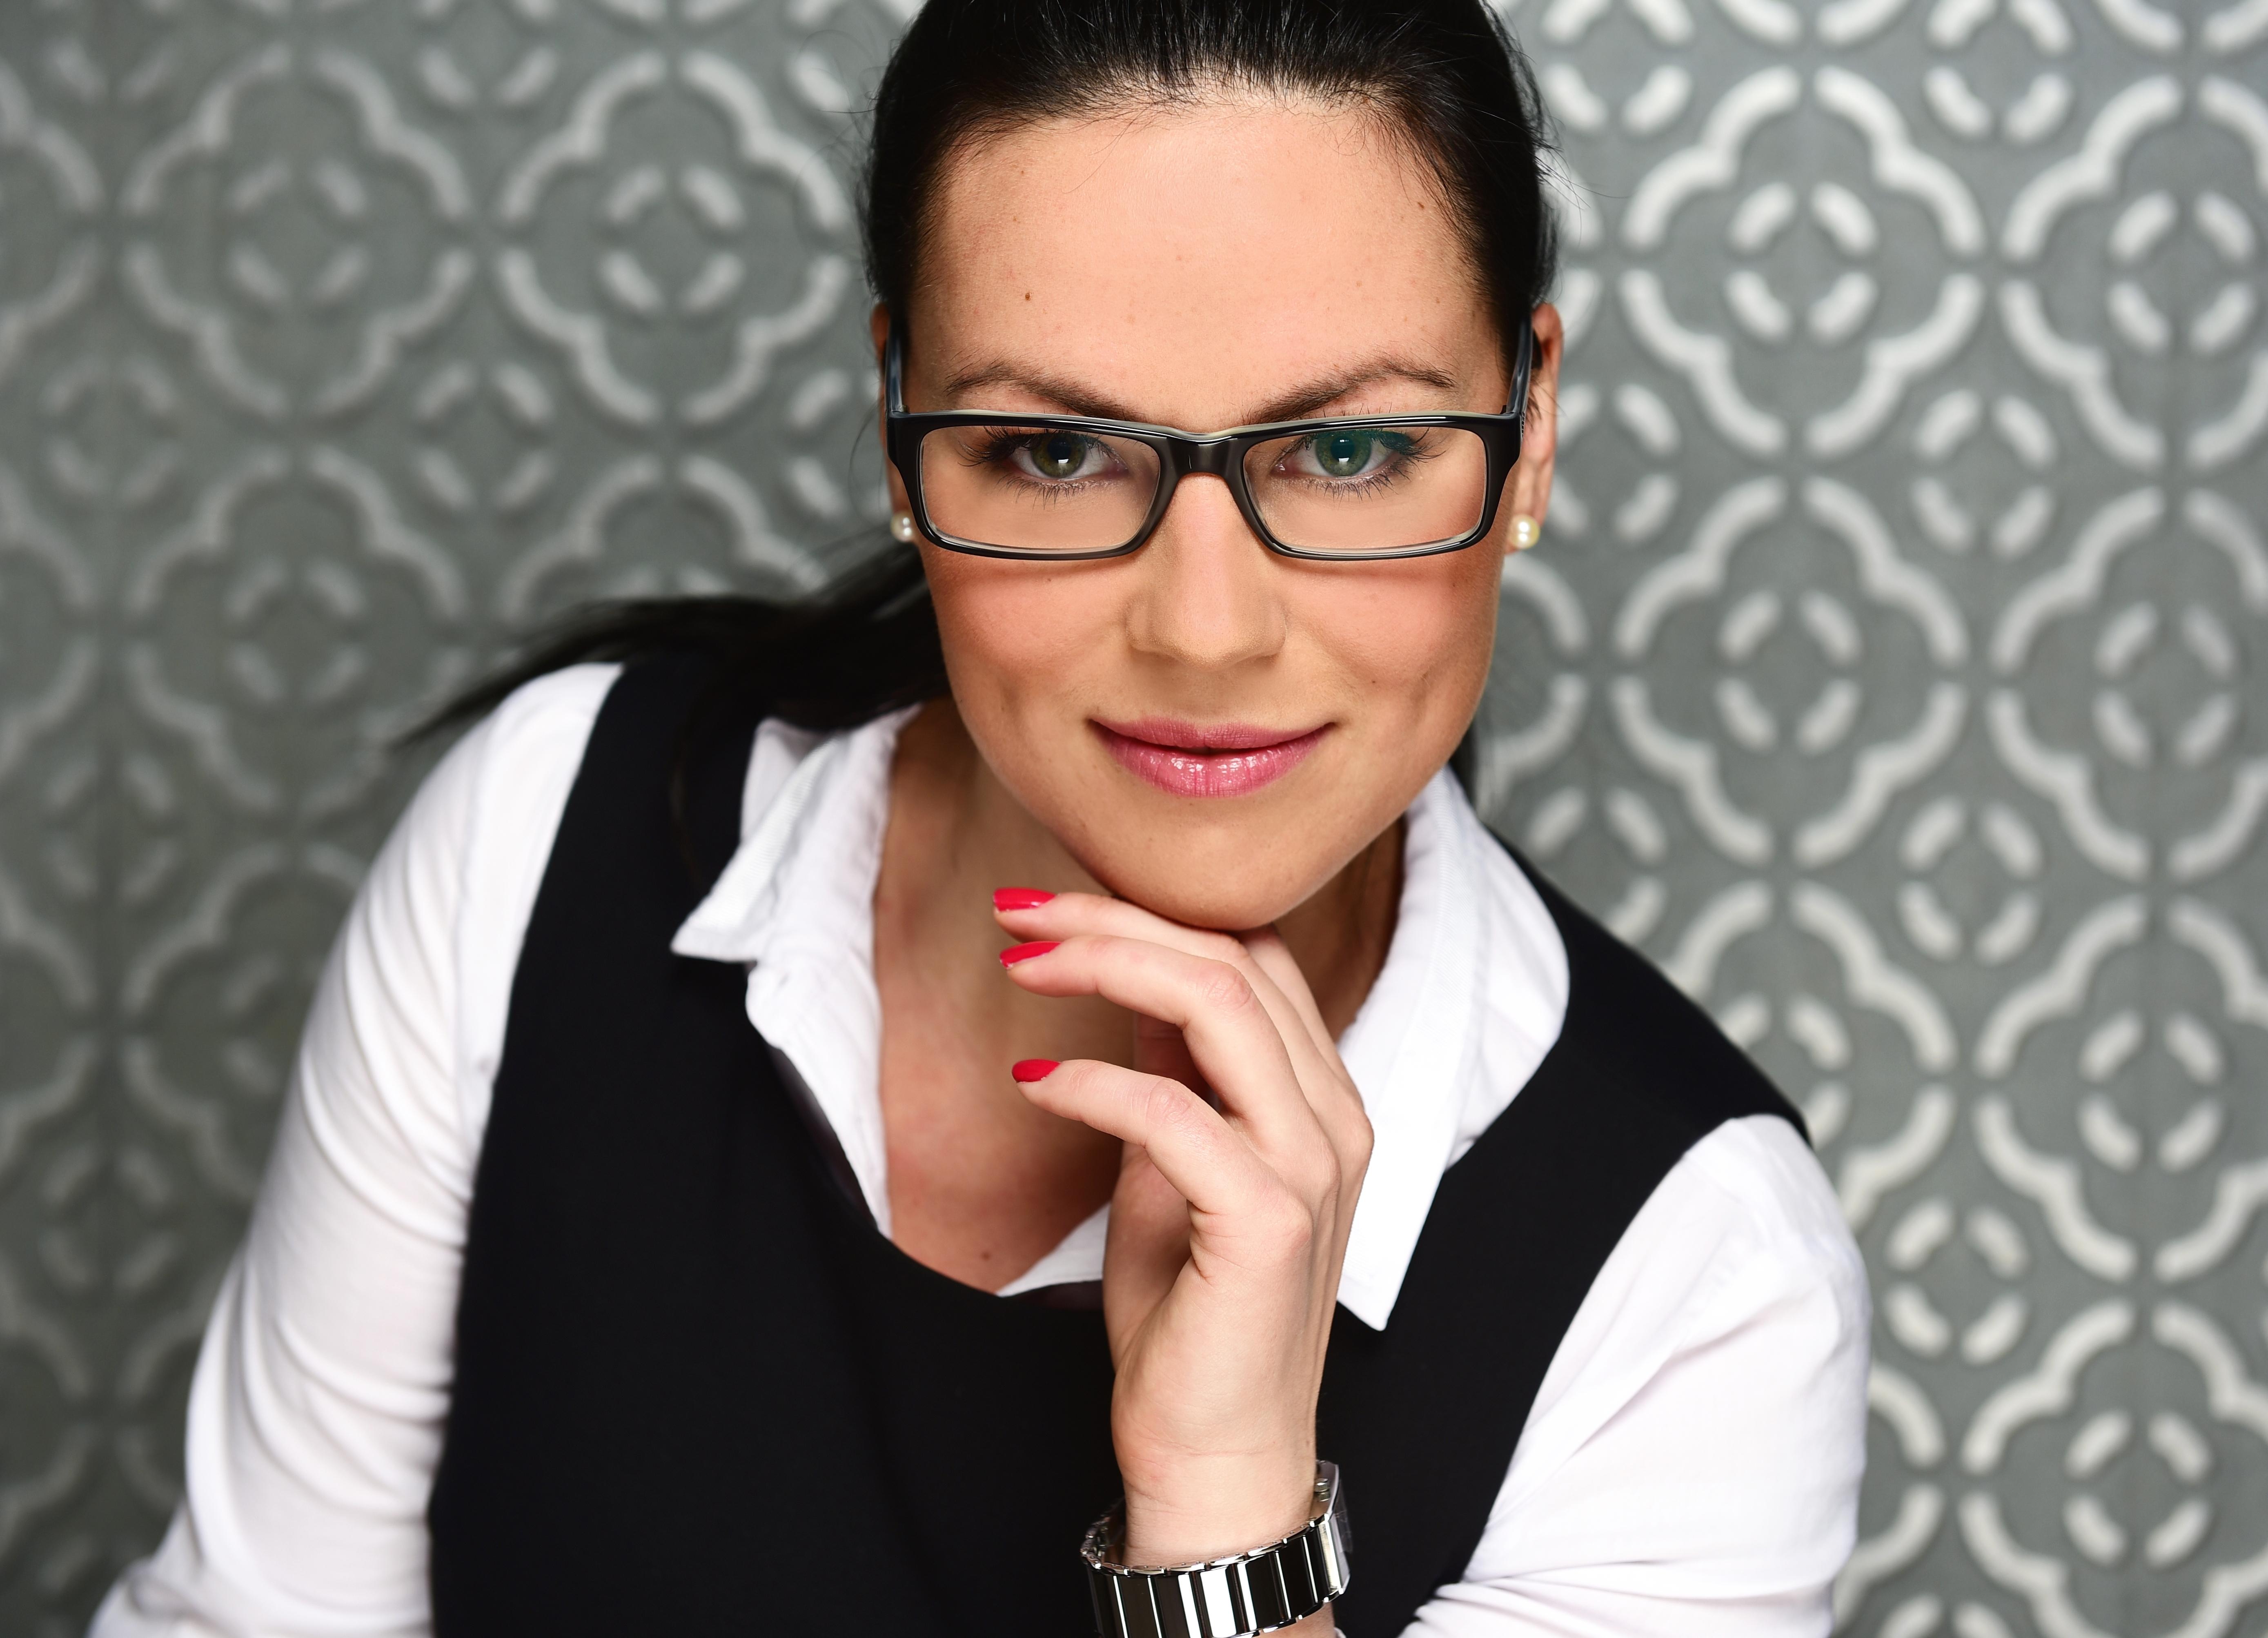 Hostess Anastasia  aus München , Konfektion 42, Studium BA Internationalsales Management, MA Supervision, Organisationsberatung und Coaching